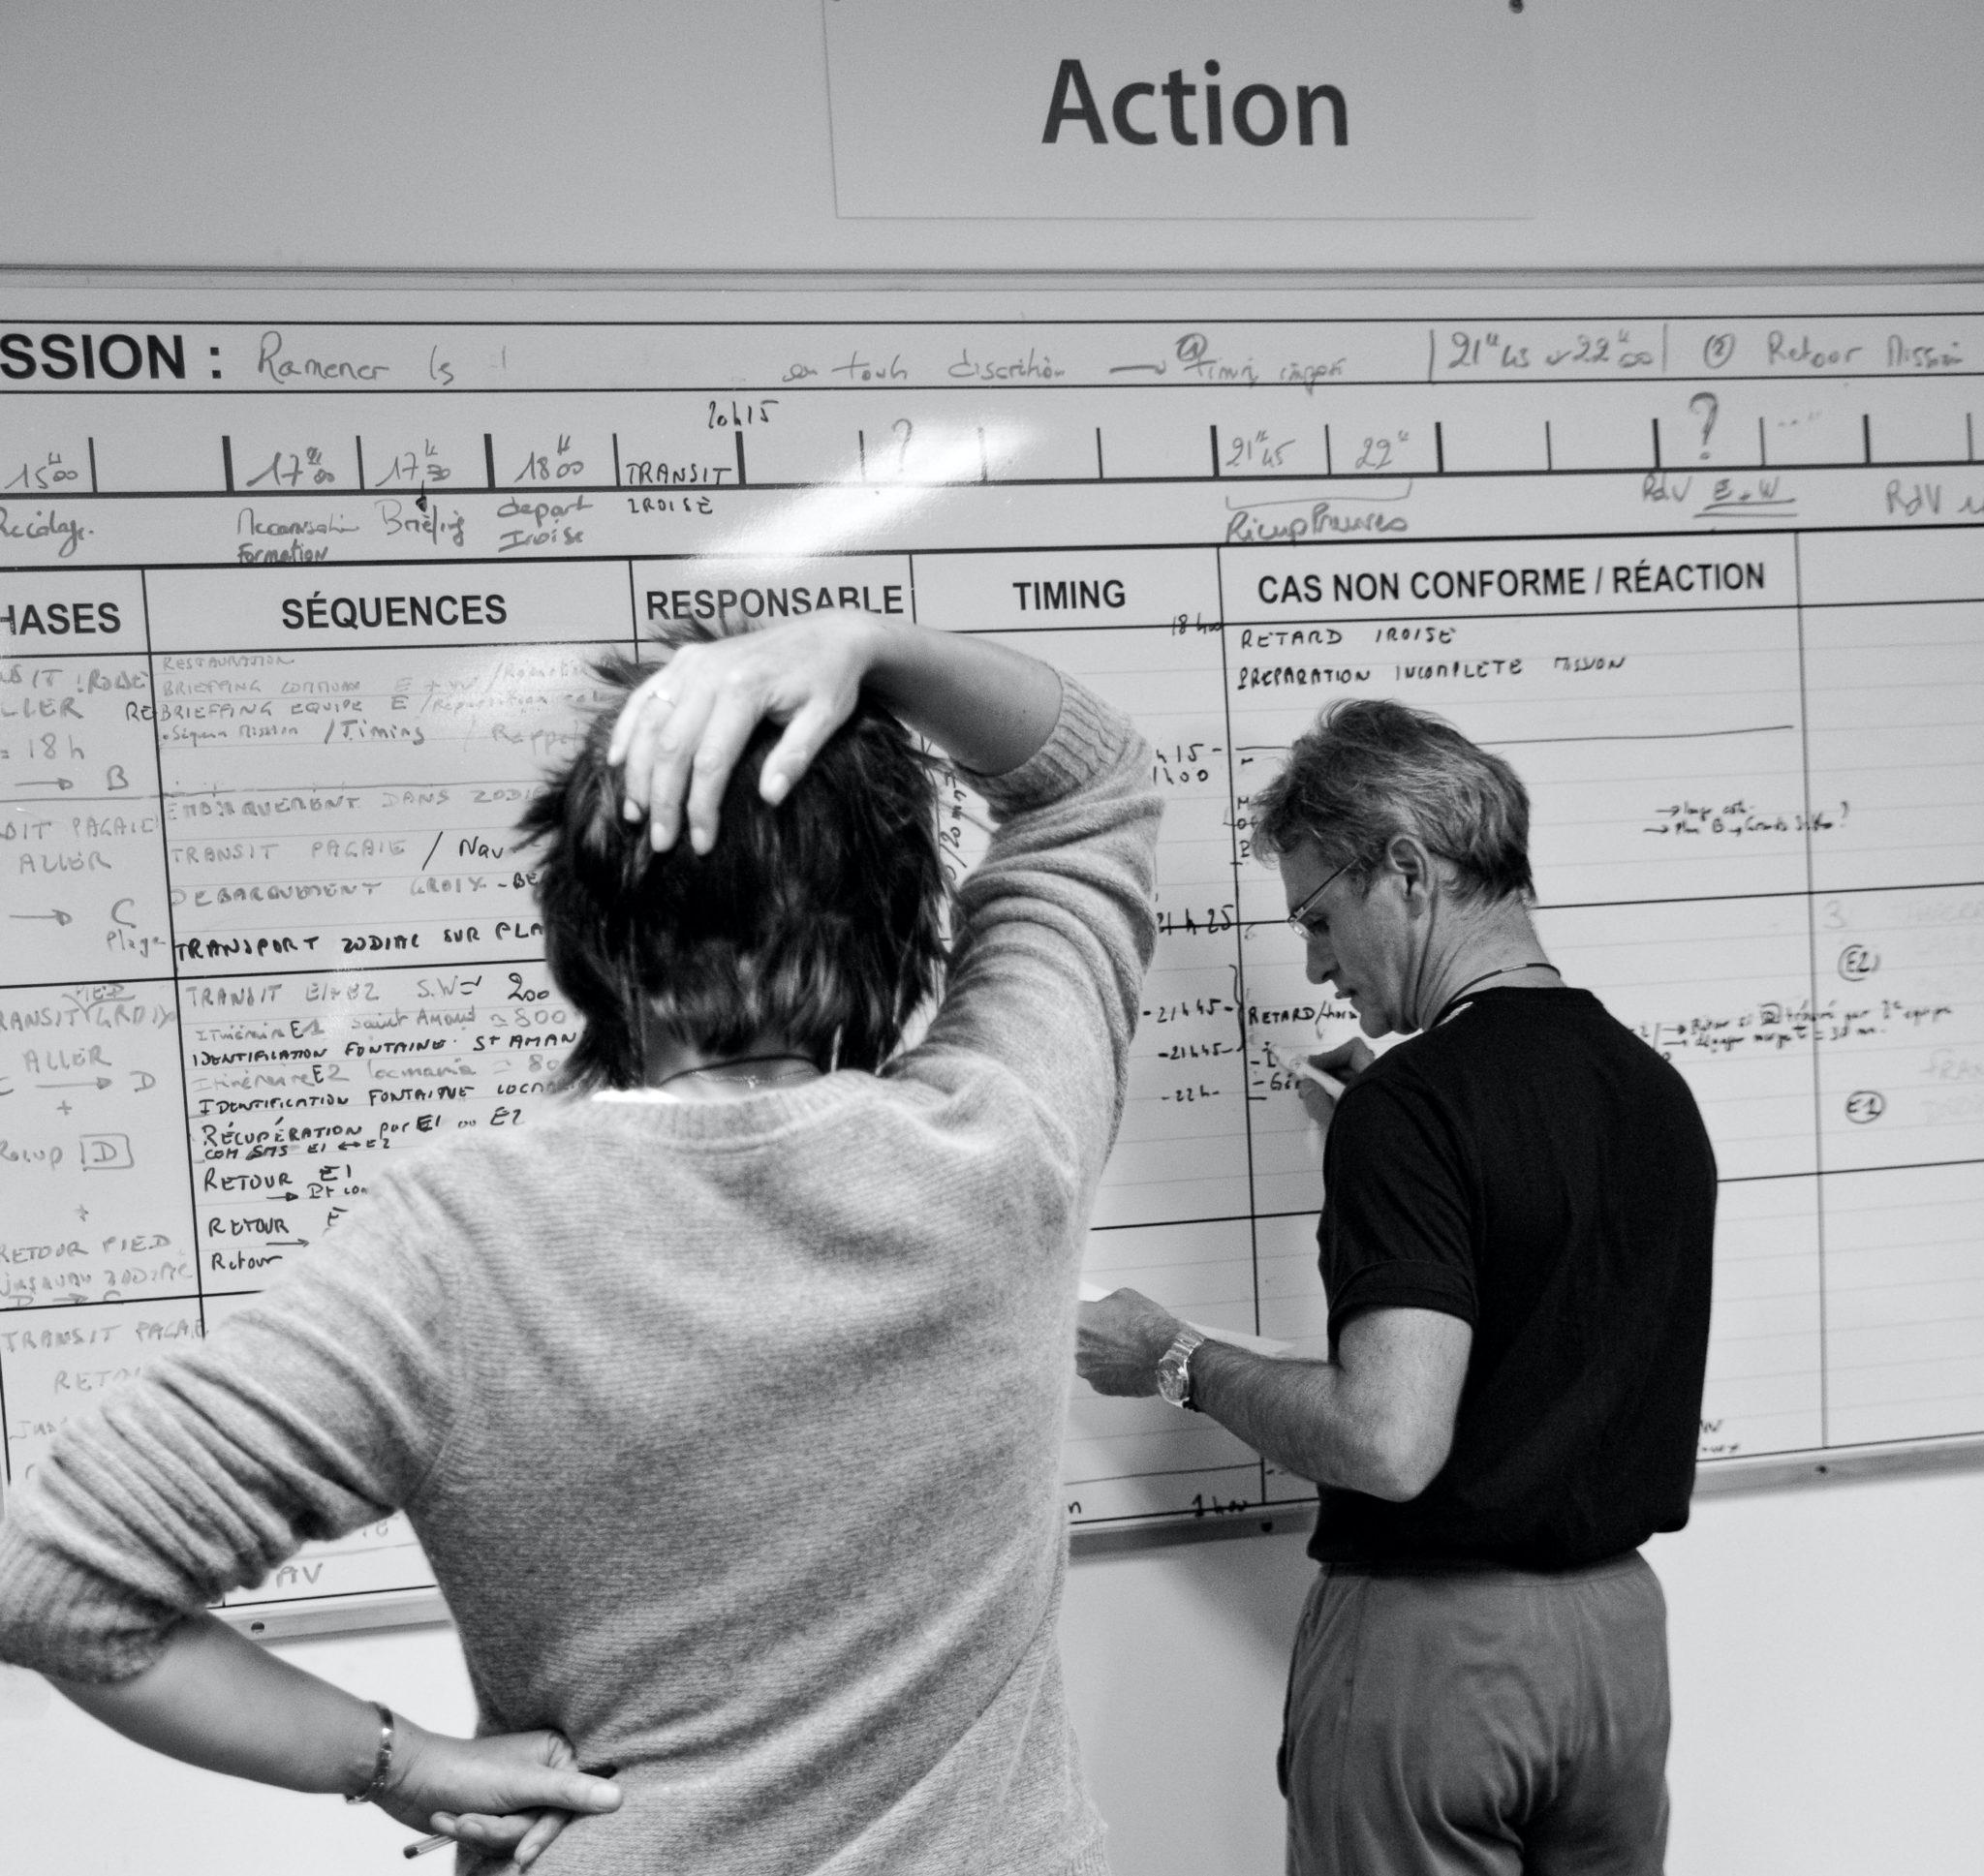 Équipe devant tableau action brainstorming réunion meeting team management manager Pegasus Leadership